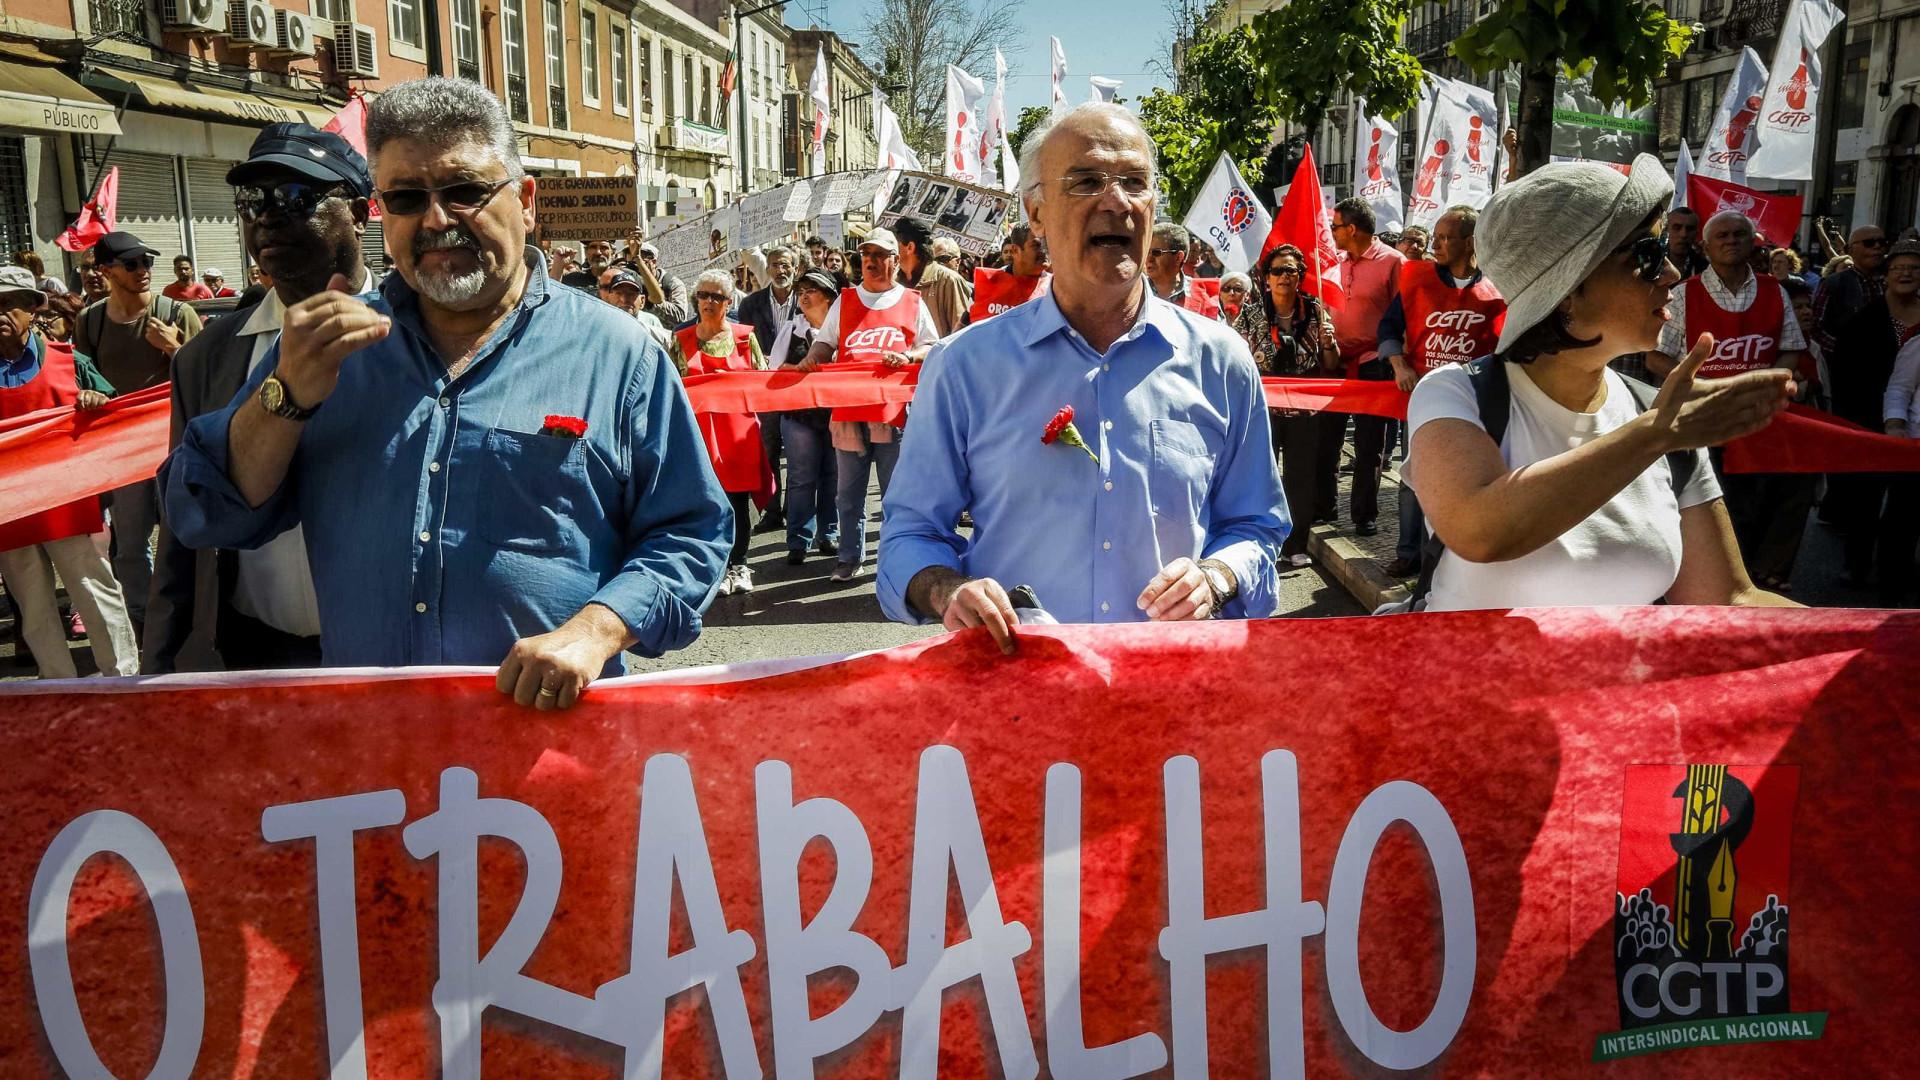 Milhares de pessoas desfilam em Lisboa a exigir valorização do trabalho